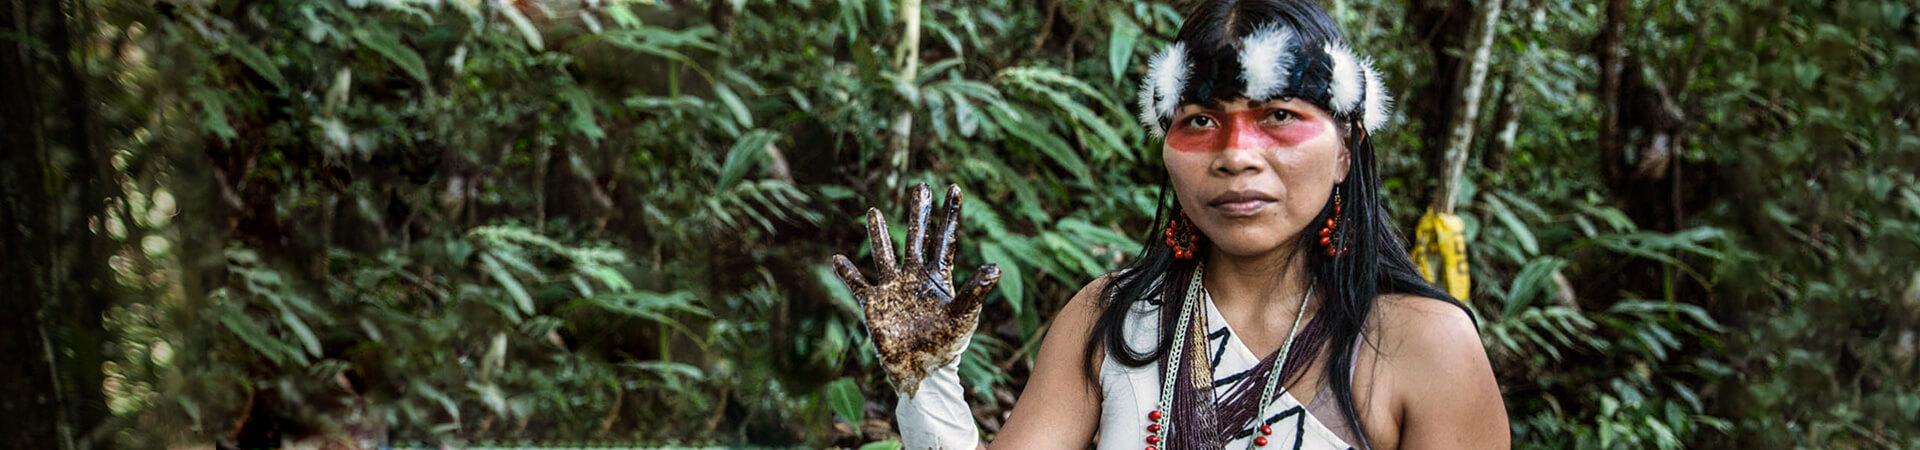 Amazonian Nemonte Nenquimo